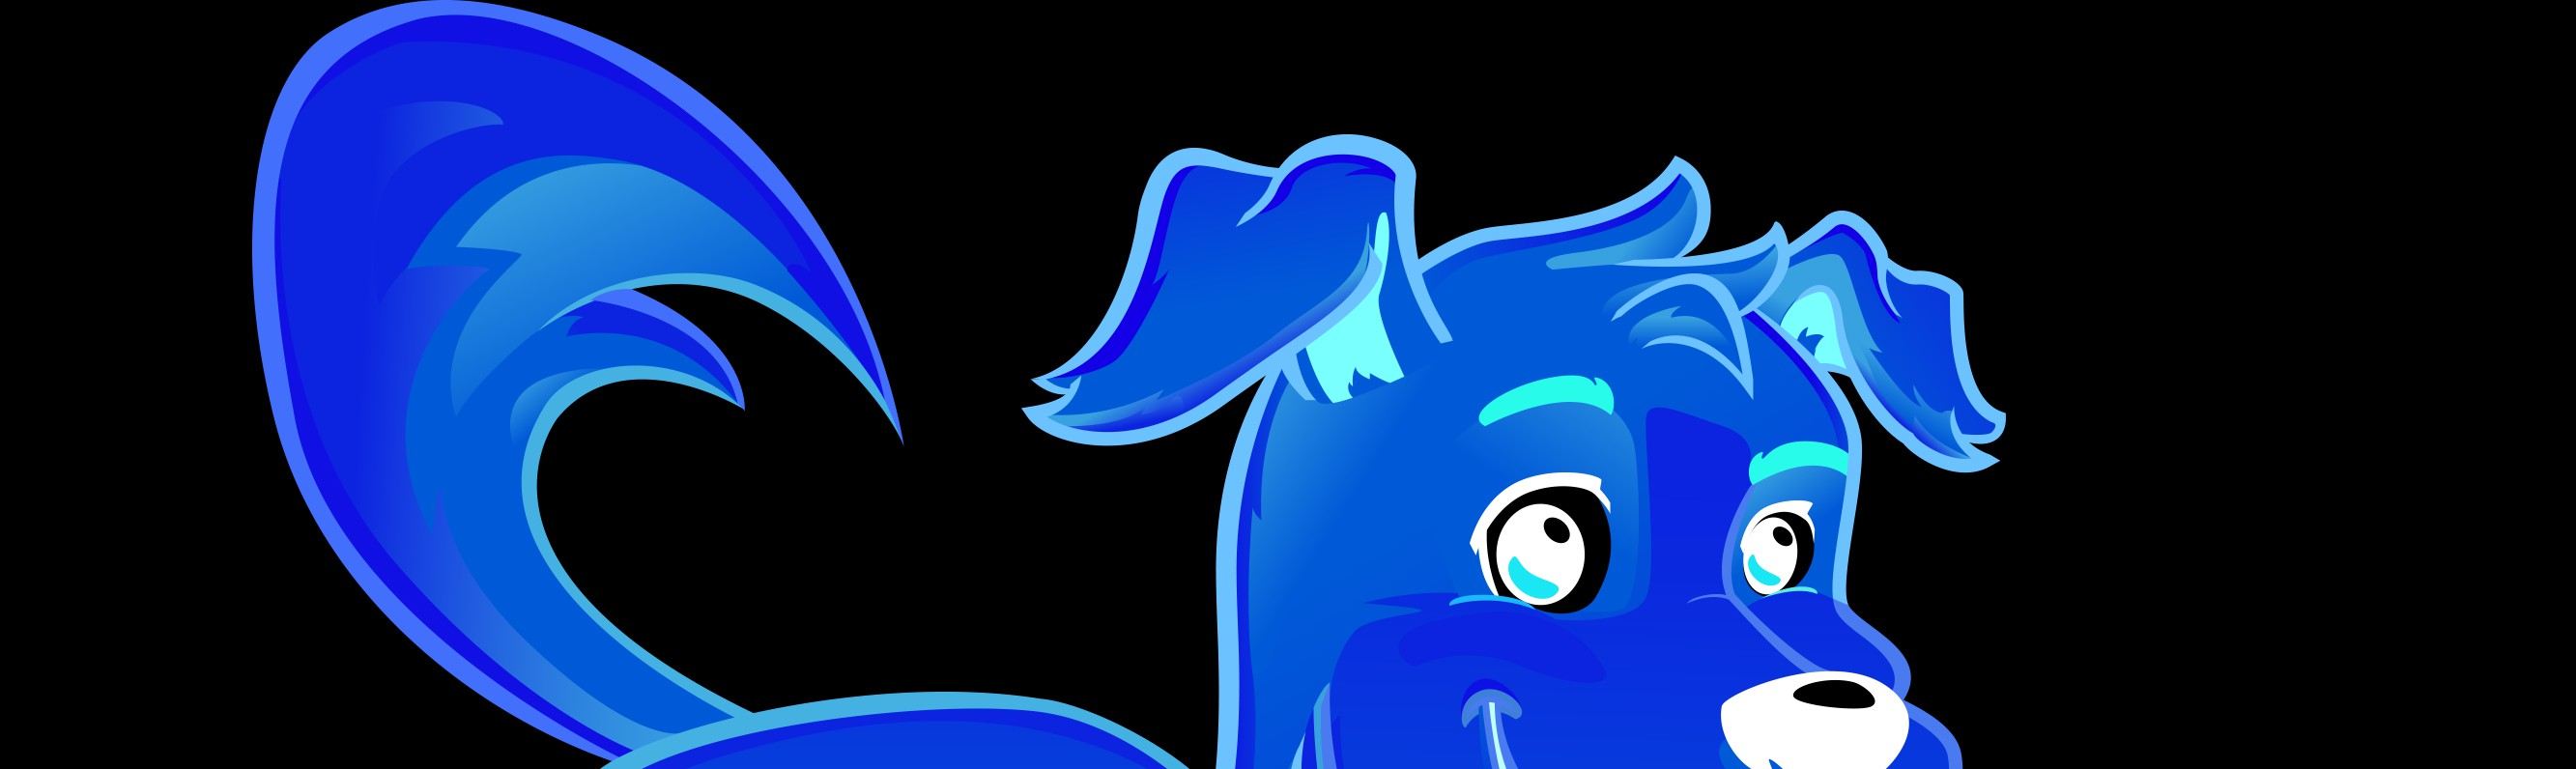 The Dog Gurus Mascot